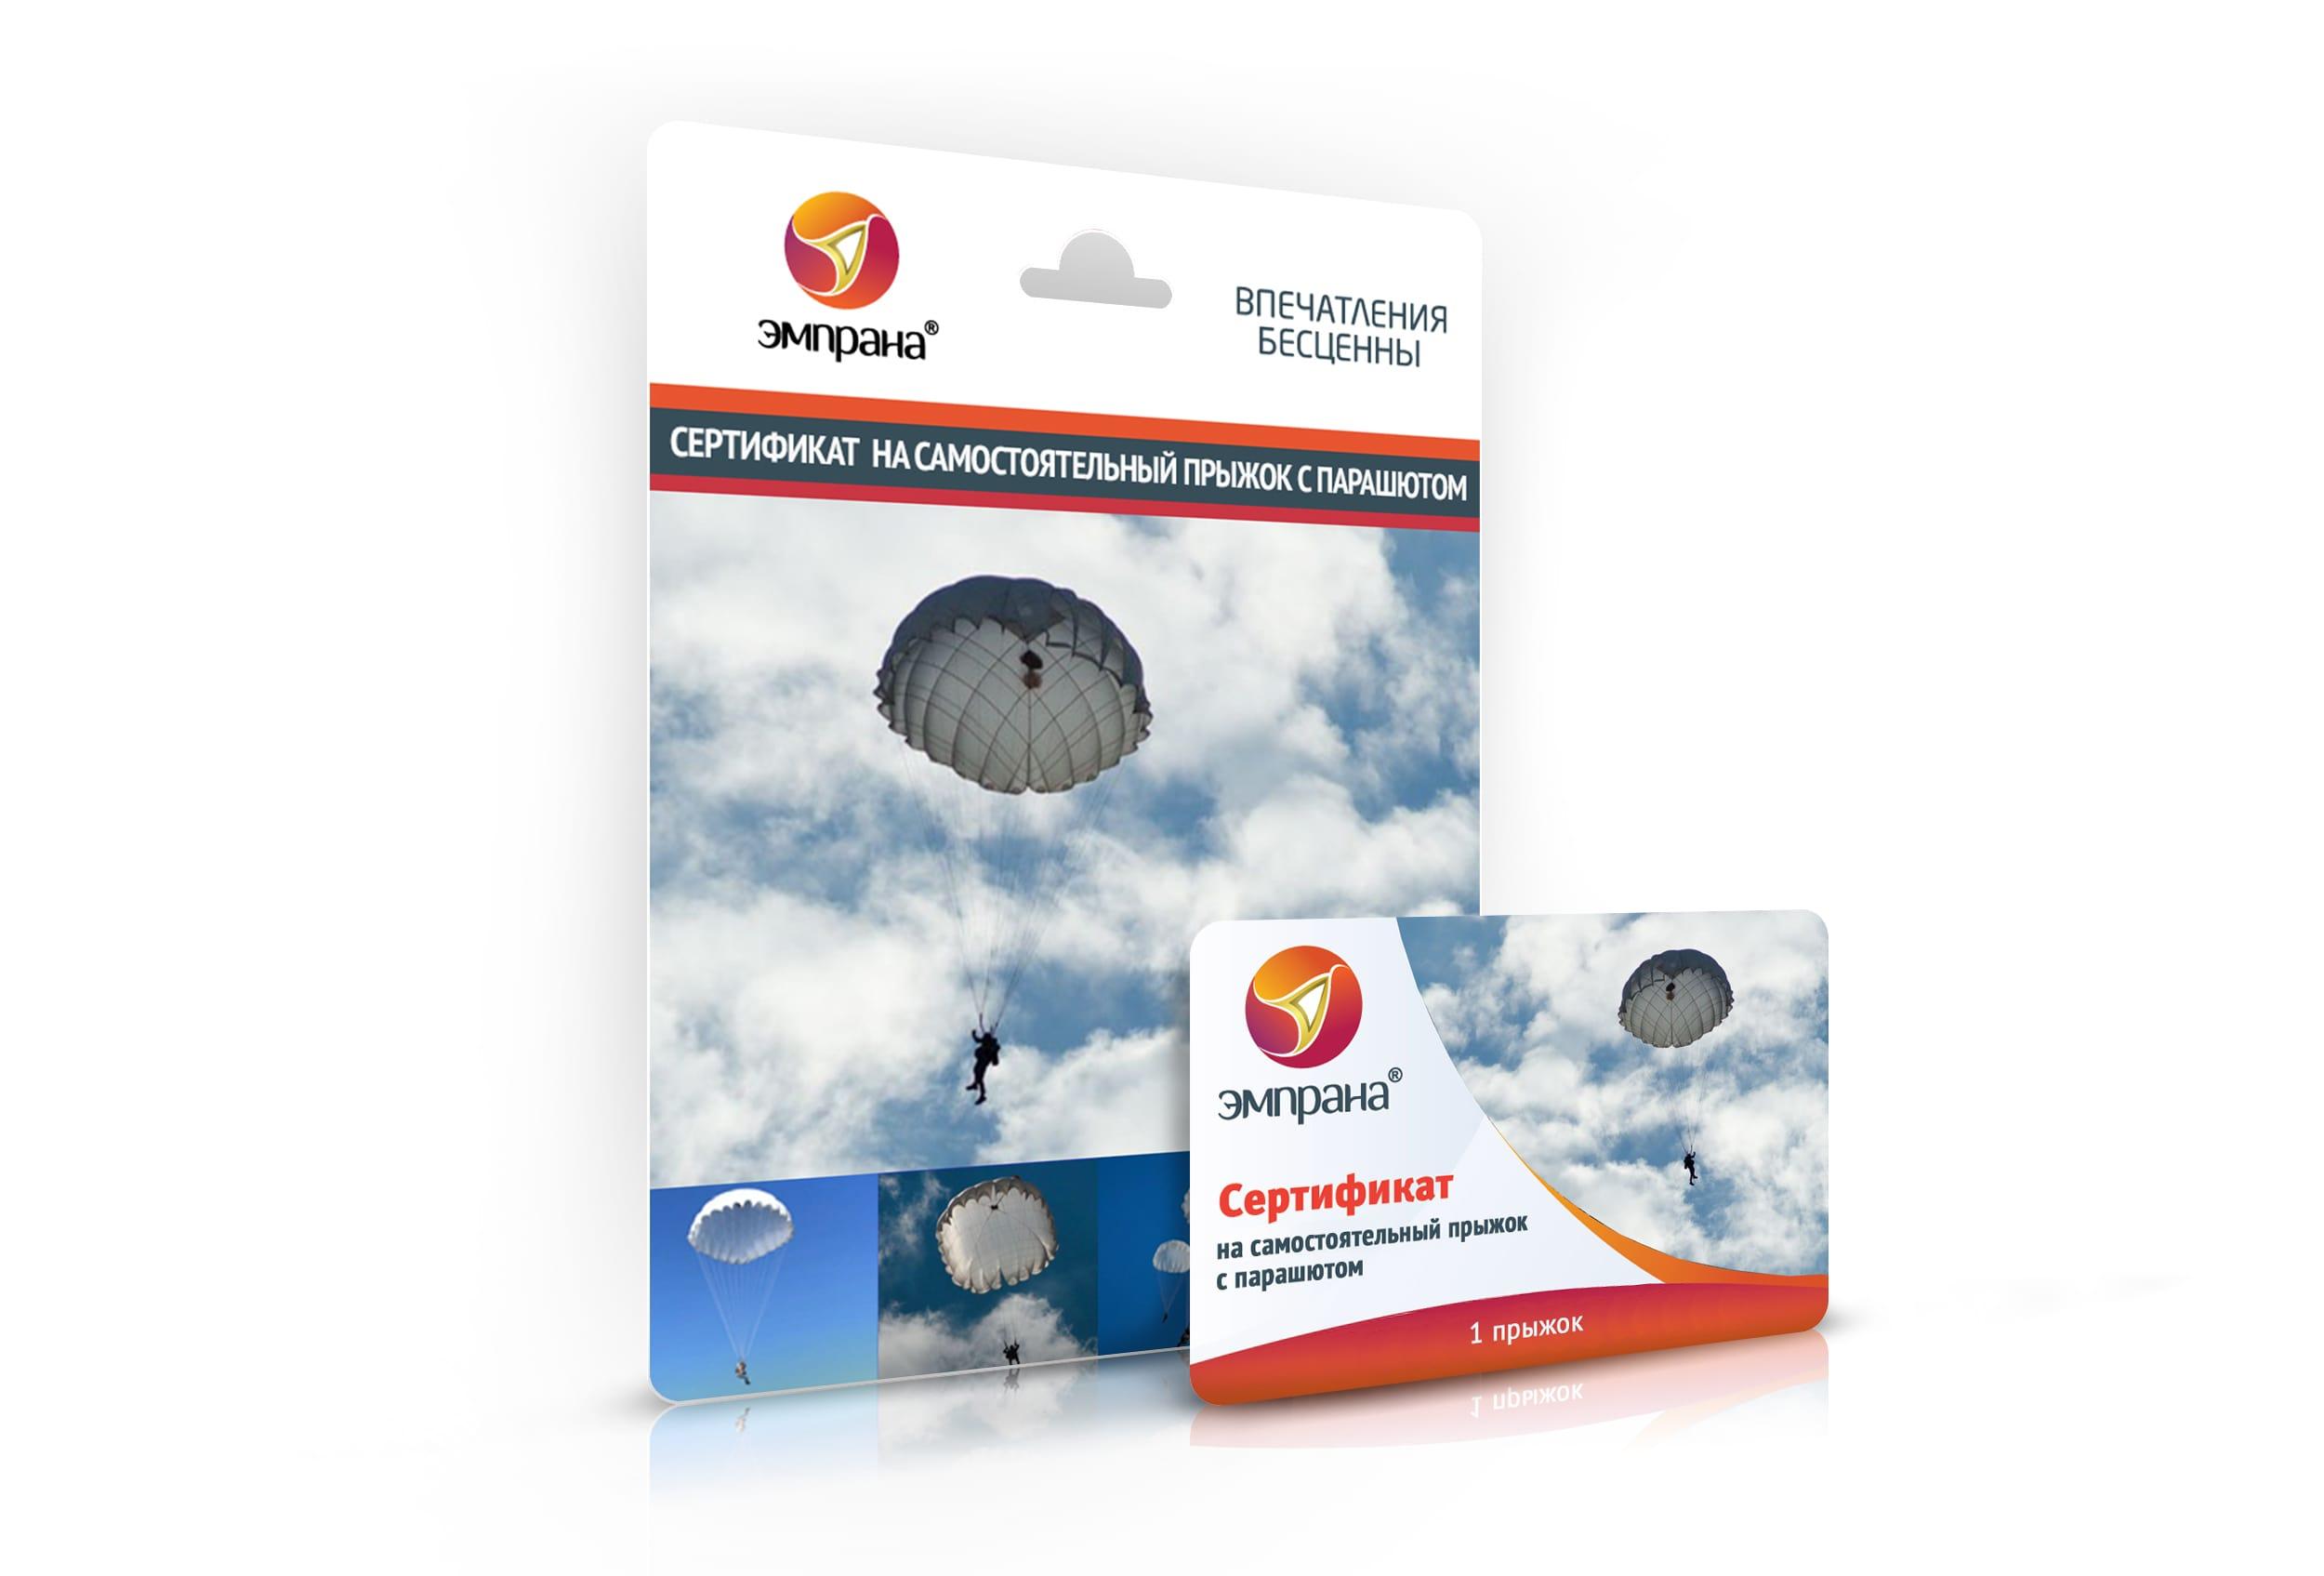 Сертификат на самостоятельный прыжок с парашютом